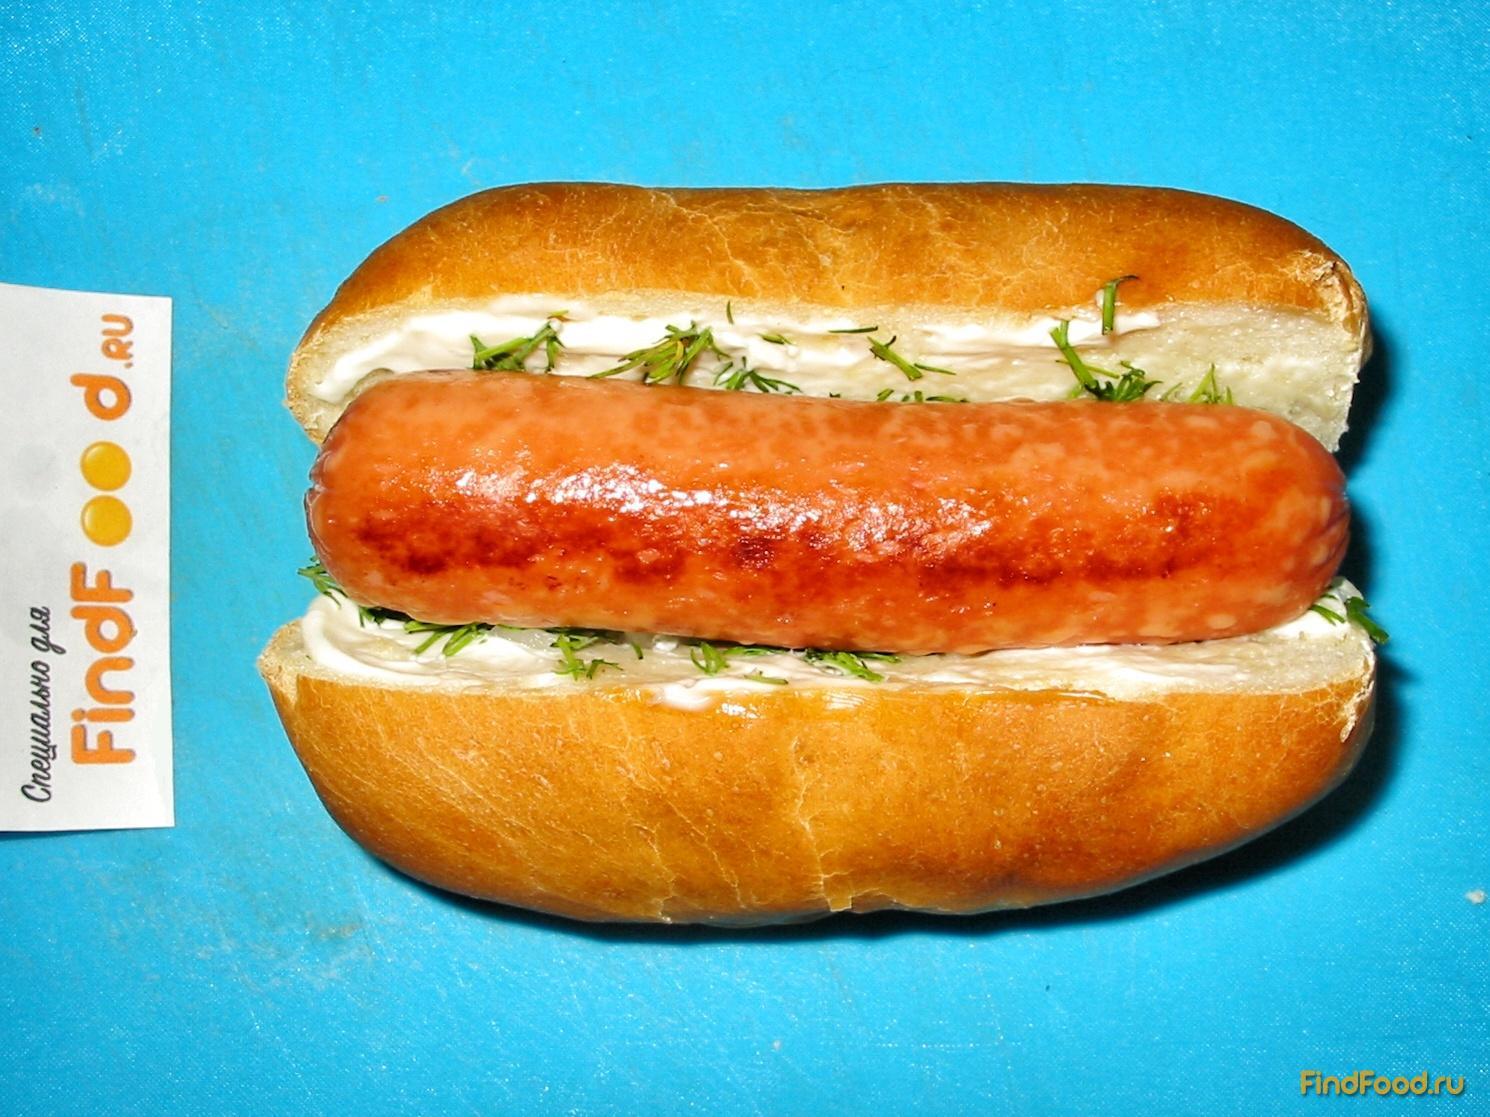 Как приготовить хот-дог в домашних условиях пошагово